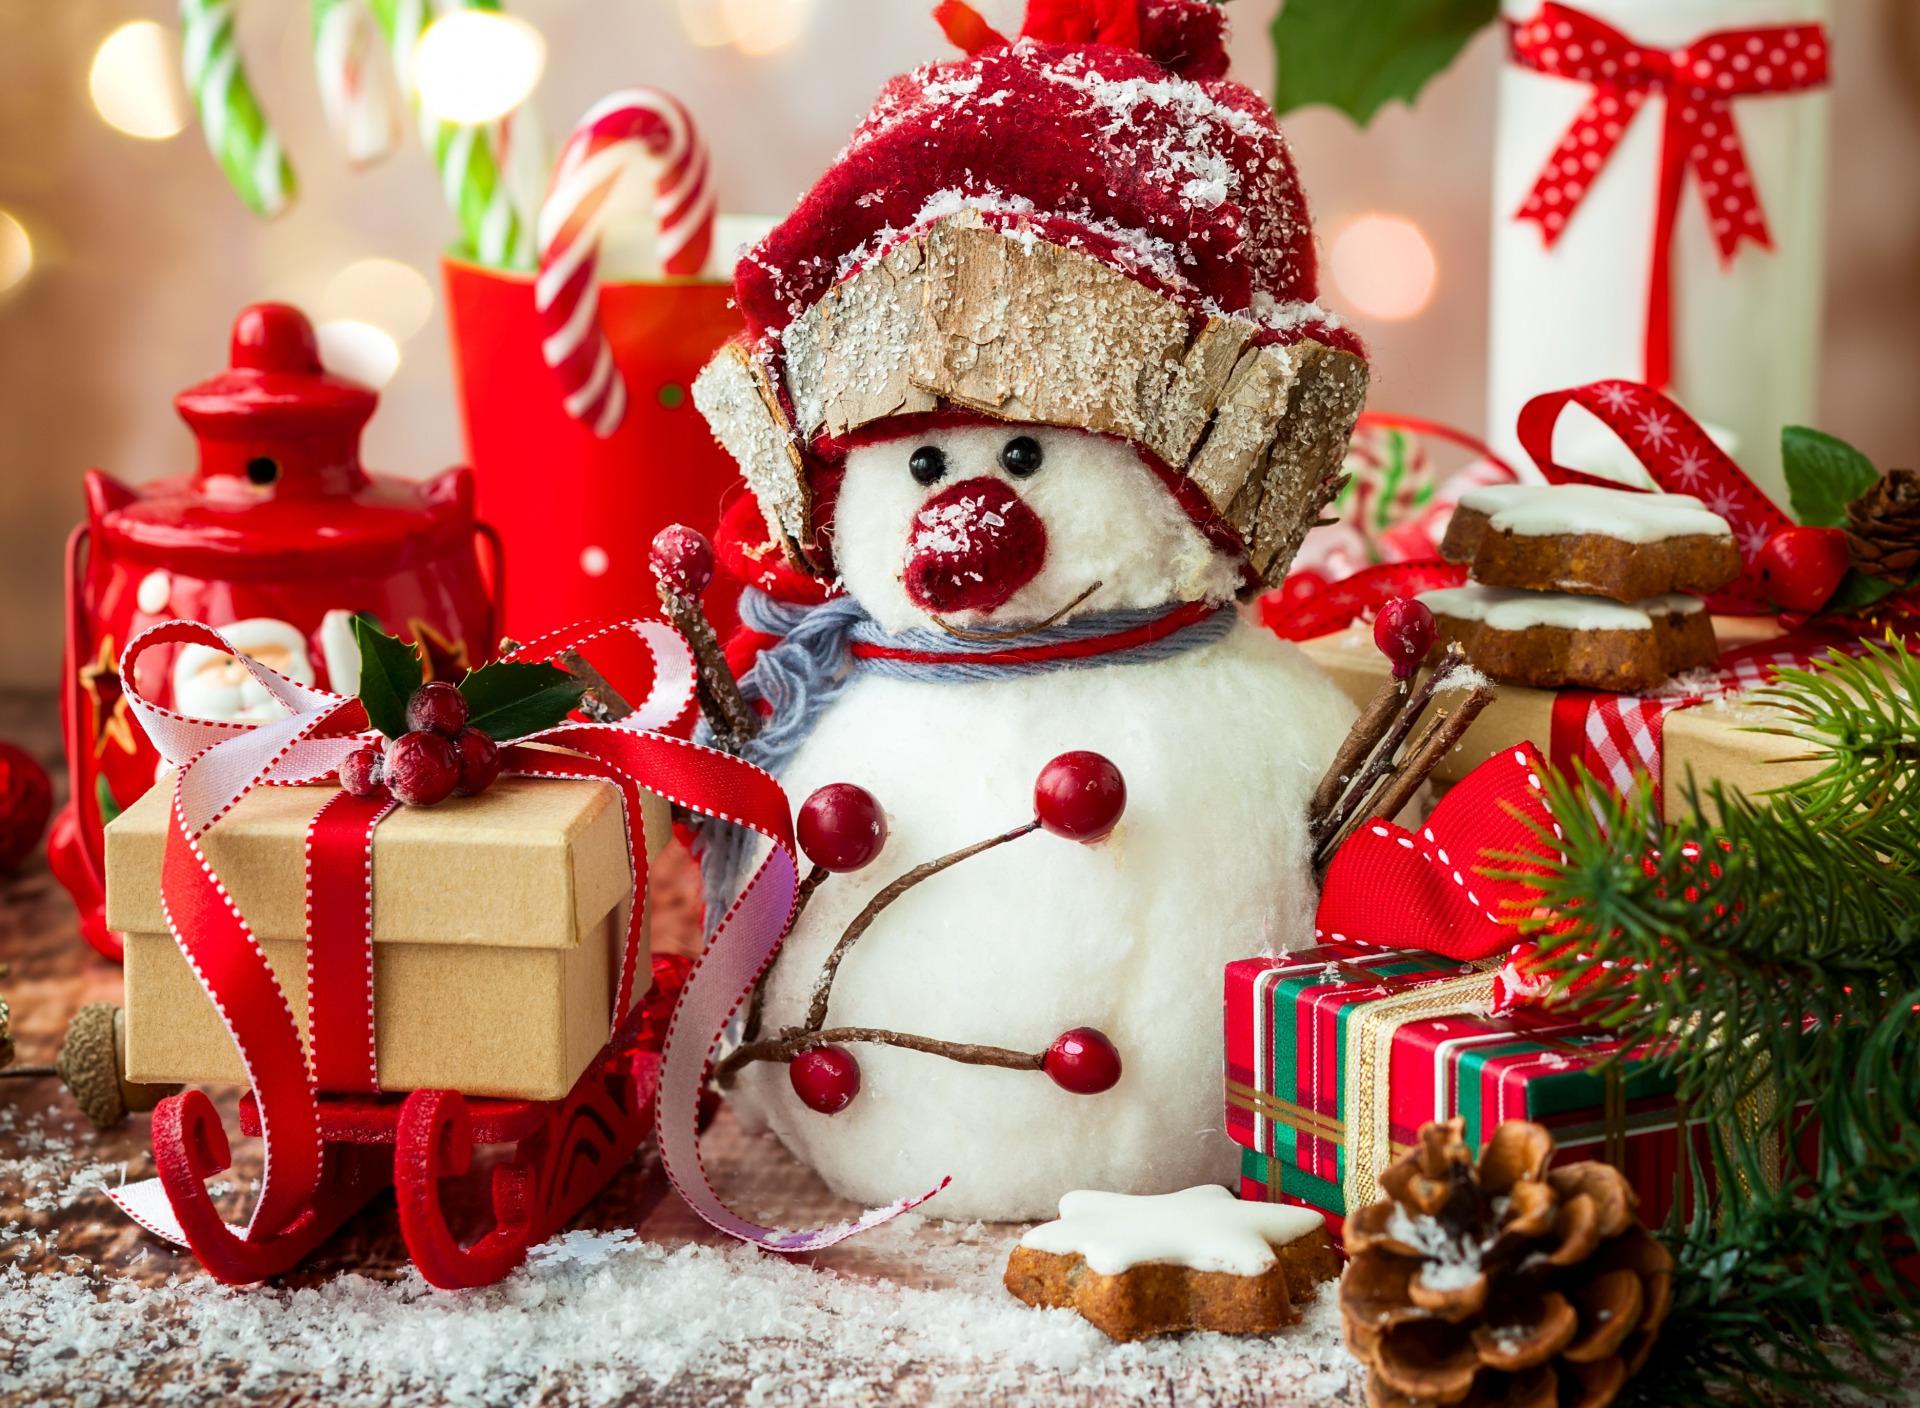 картинка с новогодней тематикой привезти можно иордании